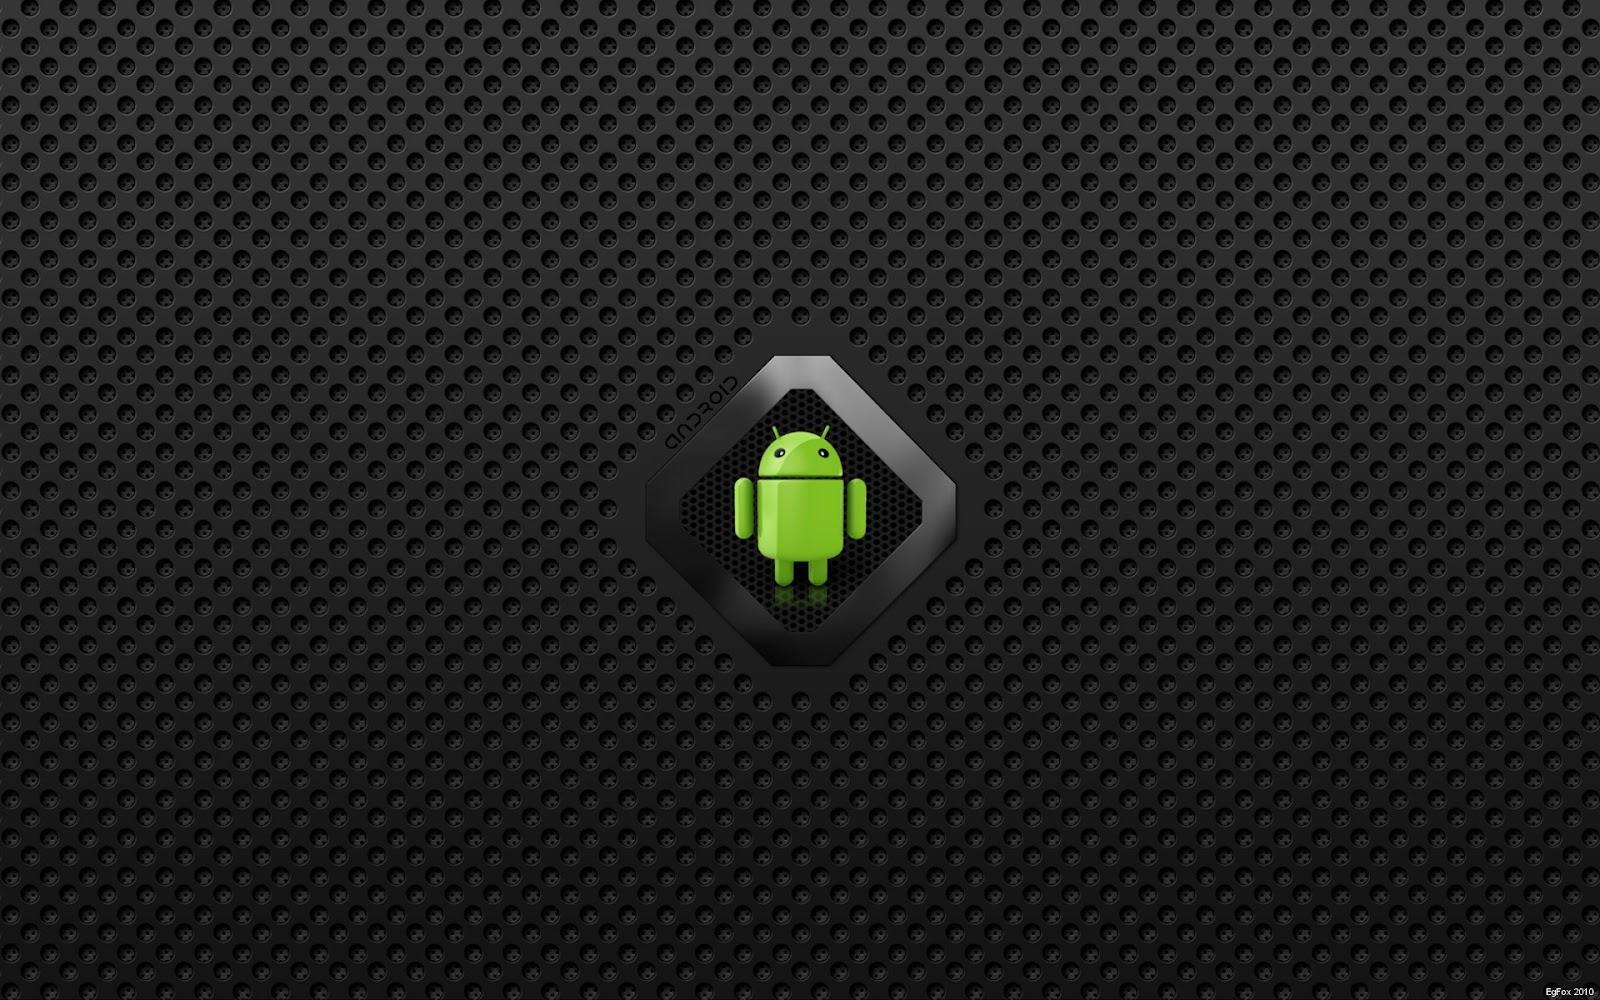 http://2.bp.blogspot.com/-dkRo-wQoXGc/T3nEmKYXeoI/AAAAAAAAALQ/S3qg3rmlr1Y/s1600/Android-OS_1920x1200_2341.jpg